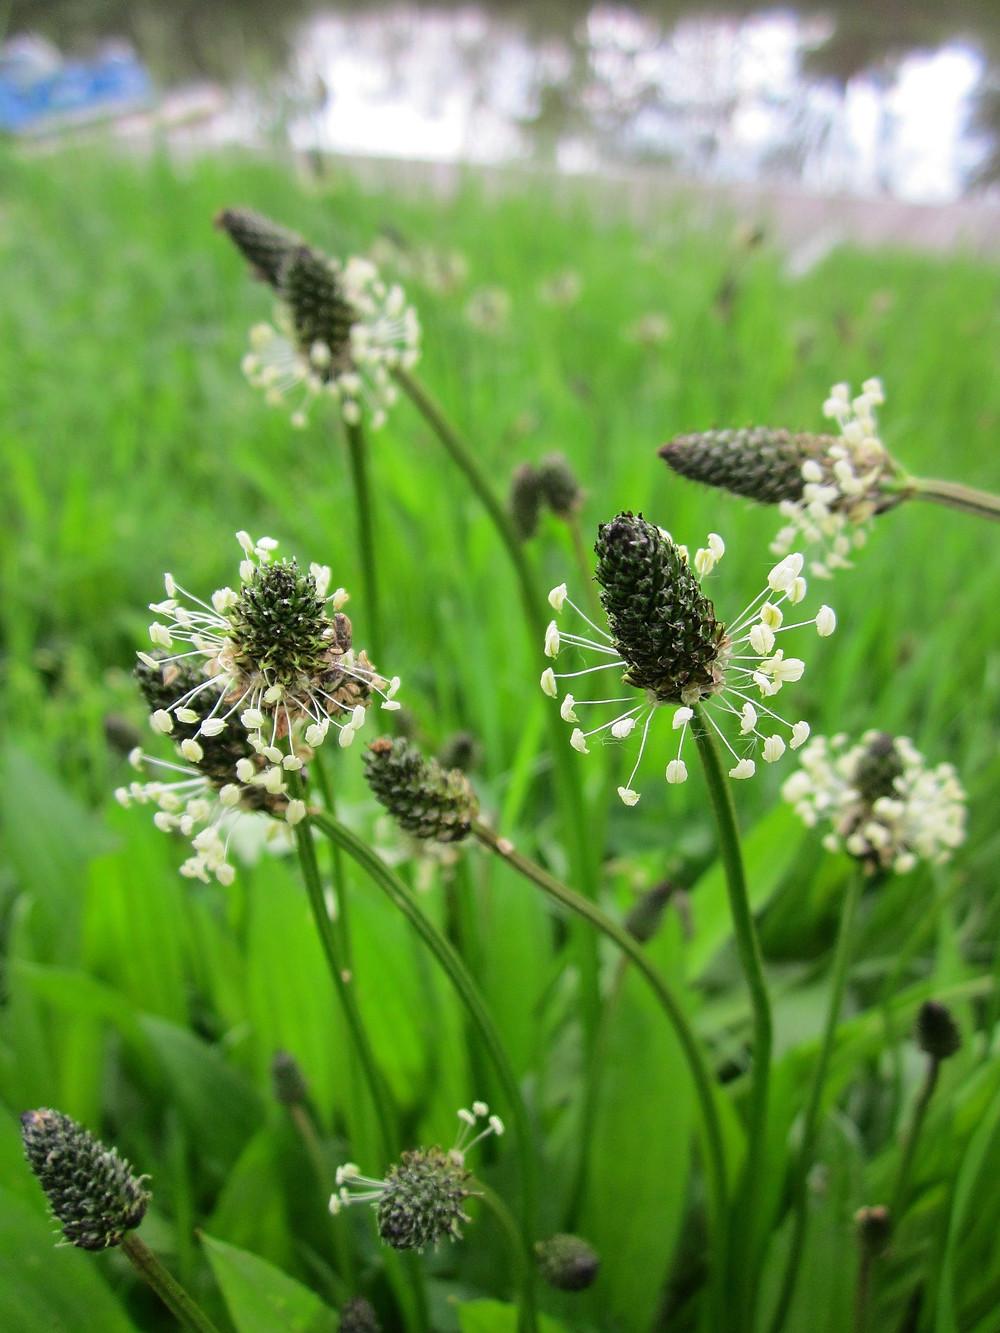 Spitzwegerich Heilkraut Blüten und Blätter